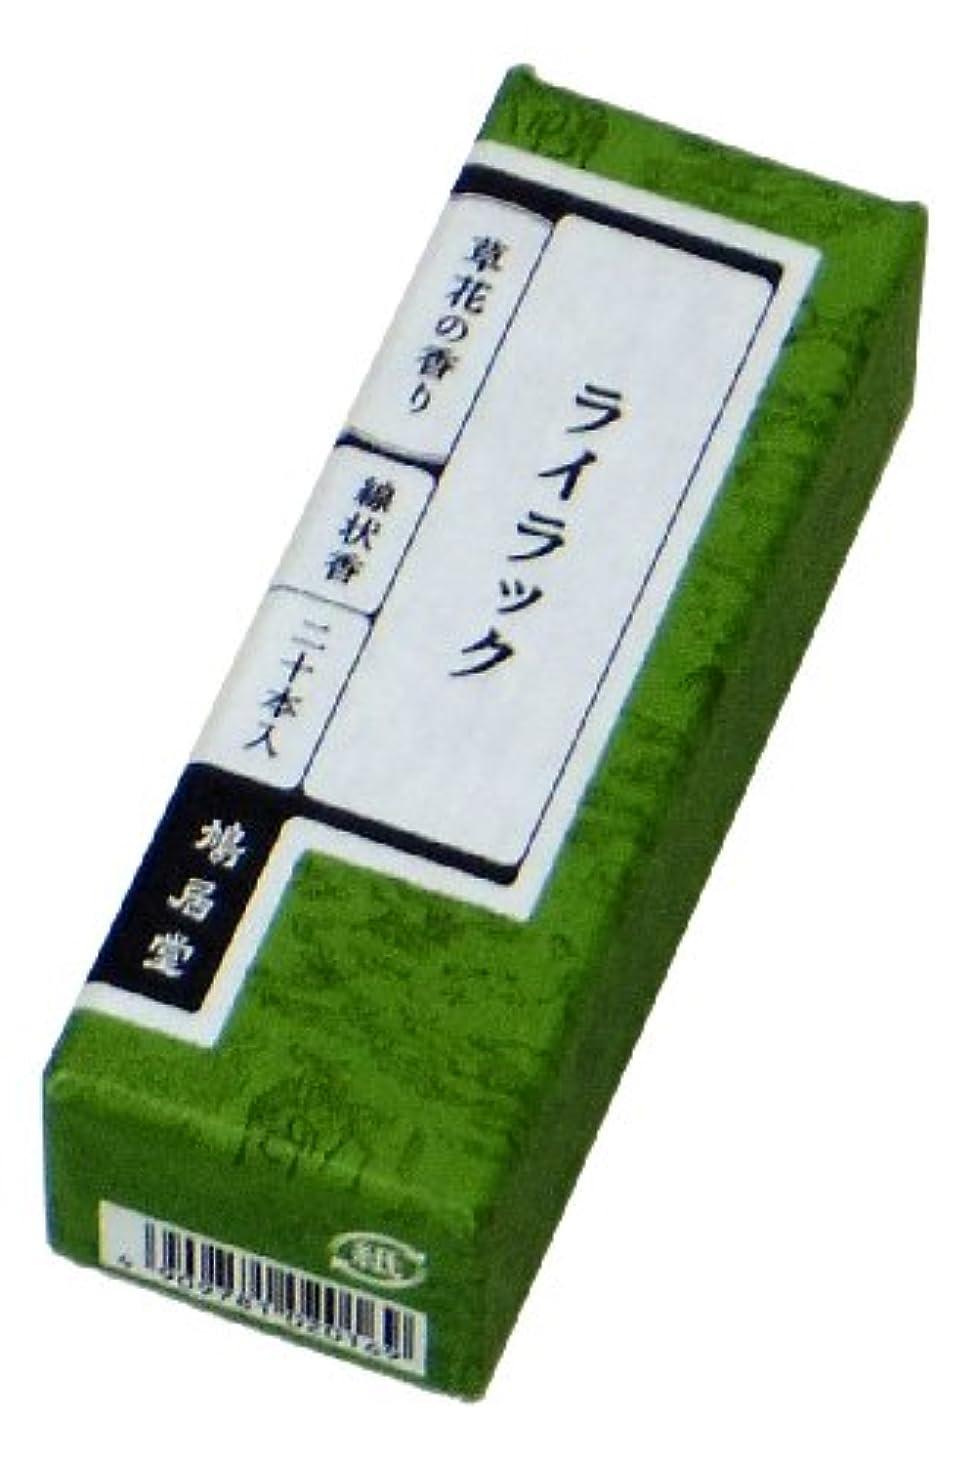 テスピアンリダクター本質的に鳩居堂のお香 草花の香り ライラック 20本入 6cm